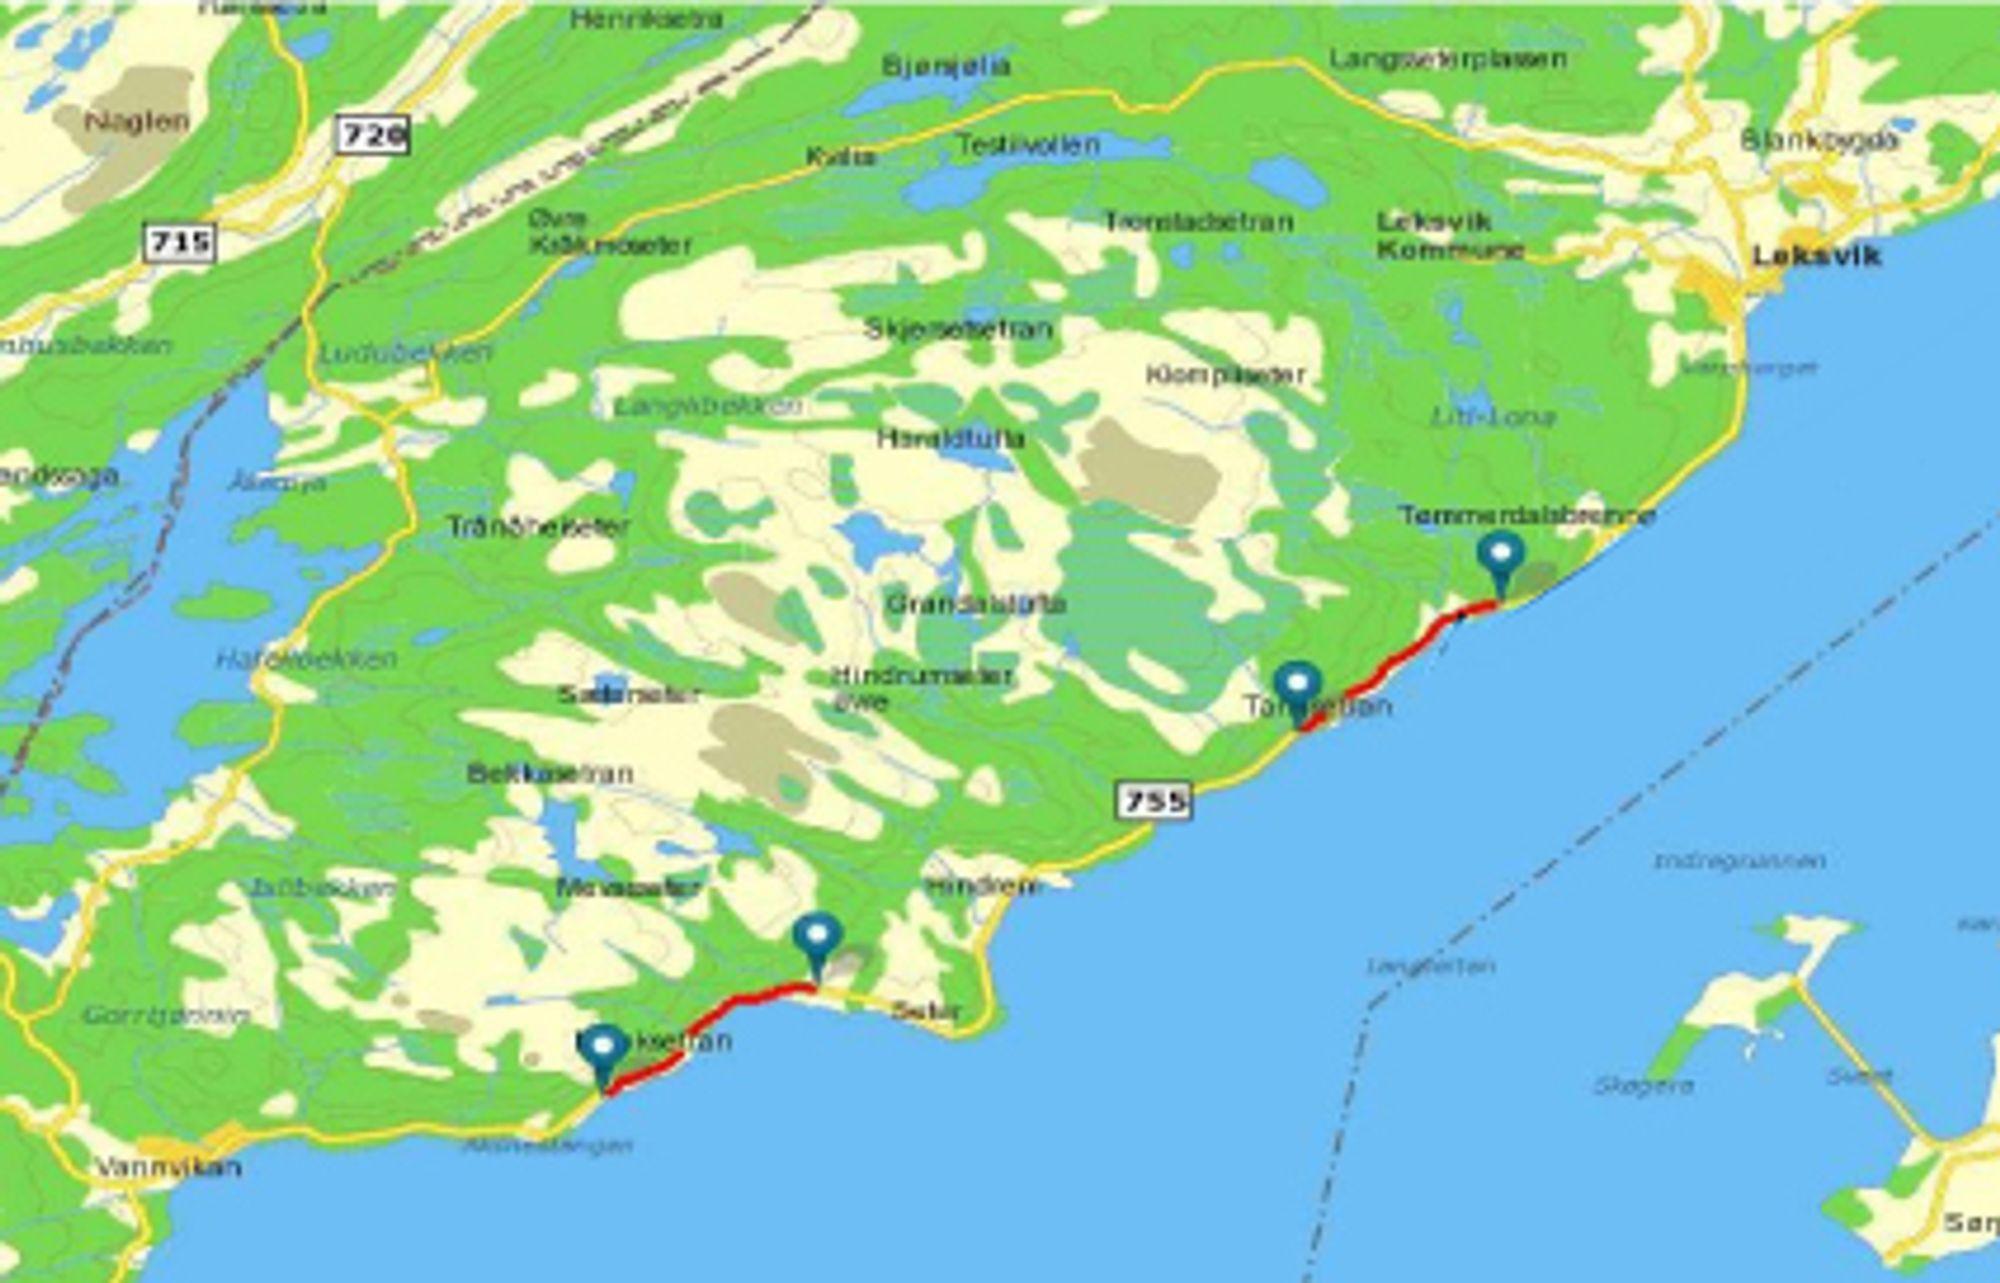 Den røde linjen til høyre markerer den 3,2 km lange strekningen som utgjør den første av 18 entrepriser på prosjektet Tosenvegene.